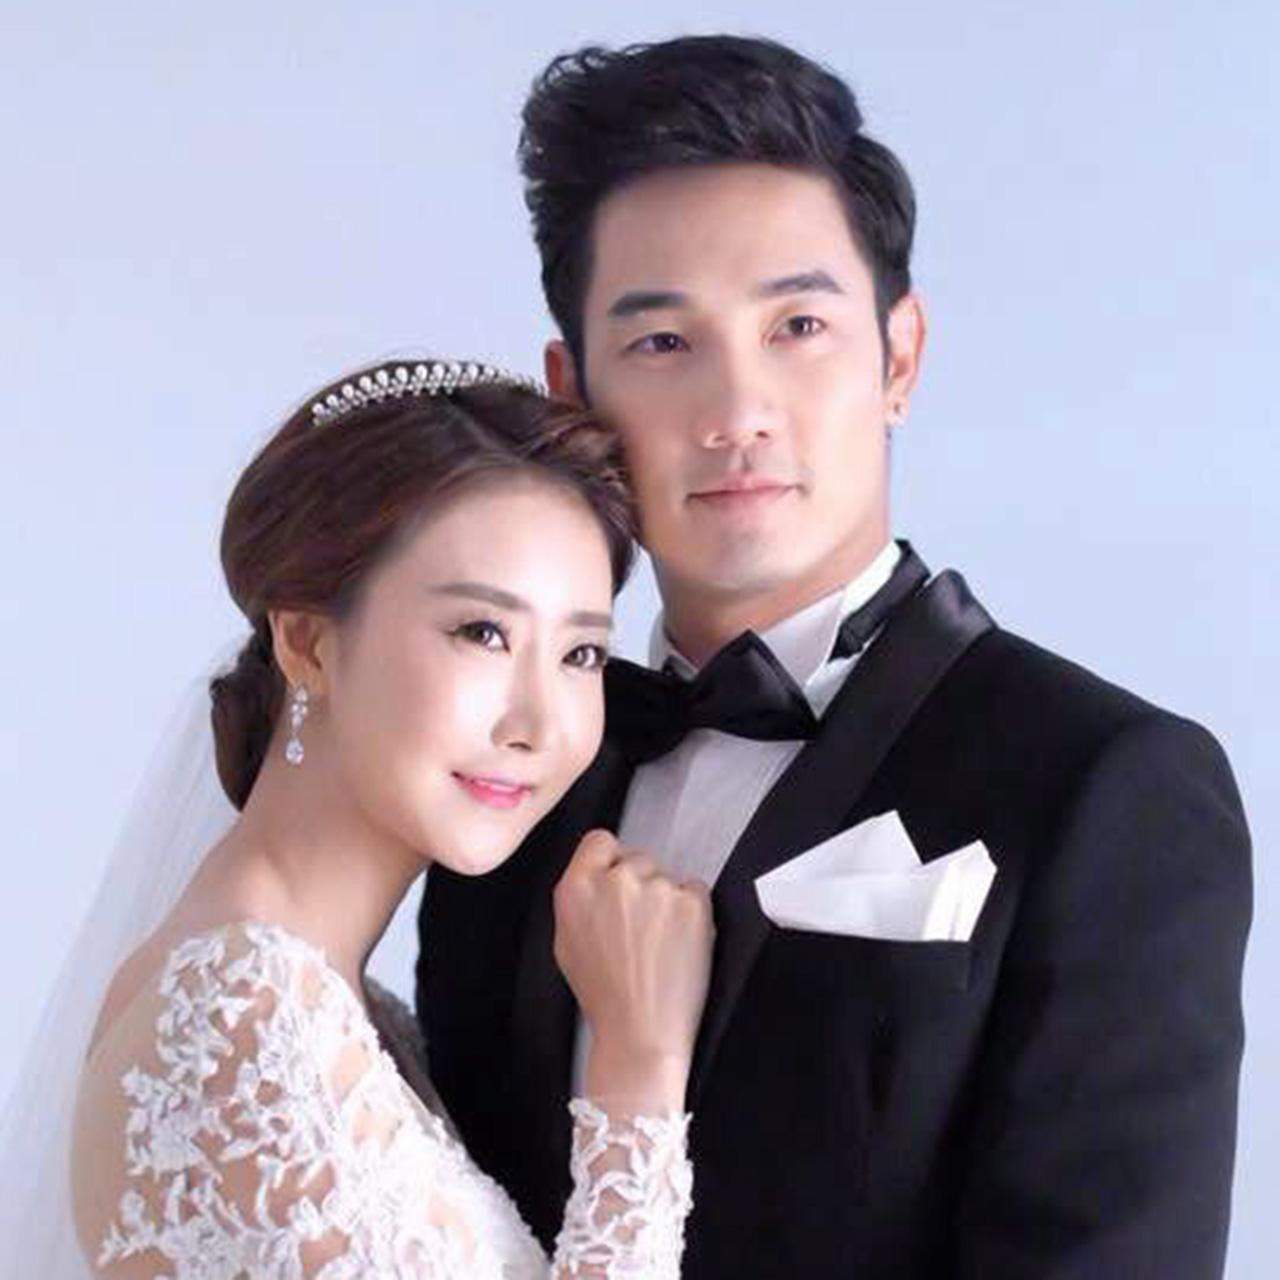 หลังจากประกาศจะแต่งงาน ล่าสุด อ้วน-รังสิต ก็ควงว่าที่เจ้าสาว ปาร์ค ฮยอน ซอน ไปถ่ายพรีเวดดิ้งกันเรียบร้อย...งานนี้เกาหลีขาดดุลให้ไทยซะแล้ว คริๆ